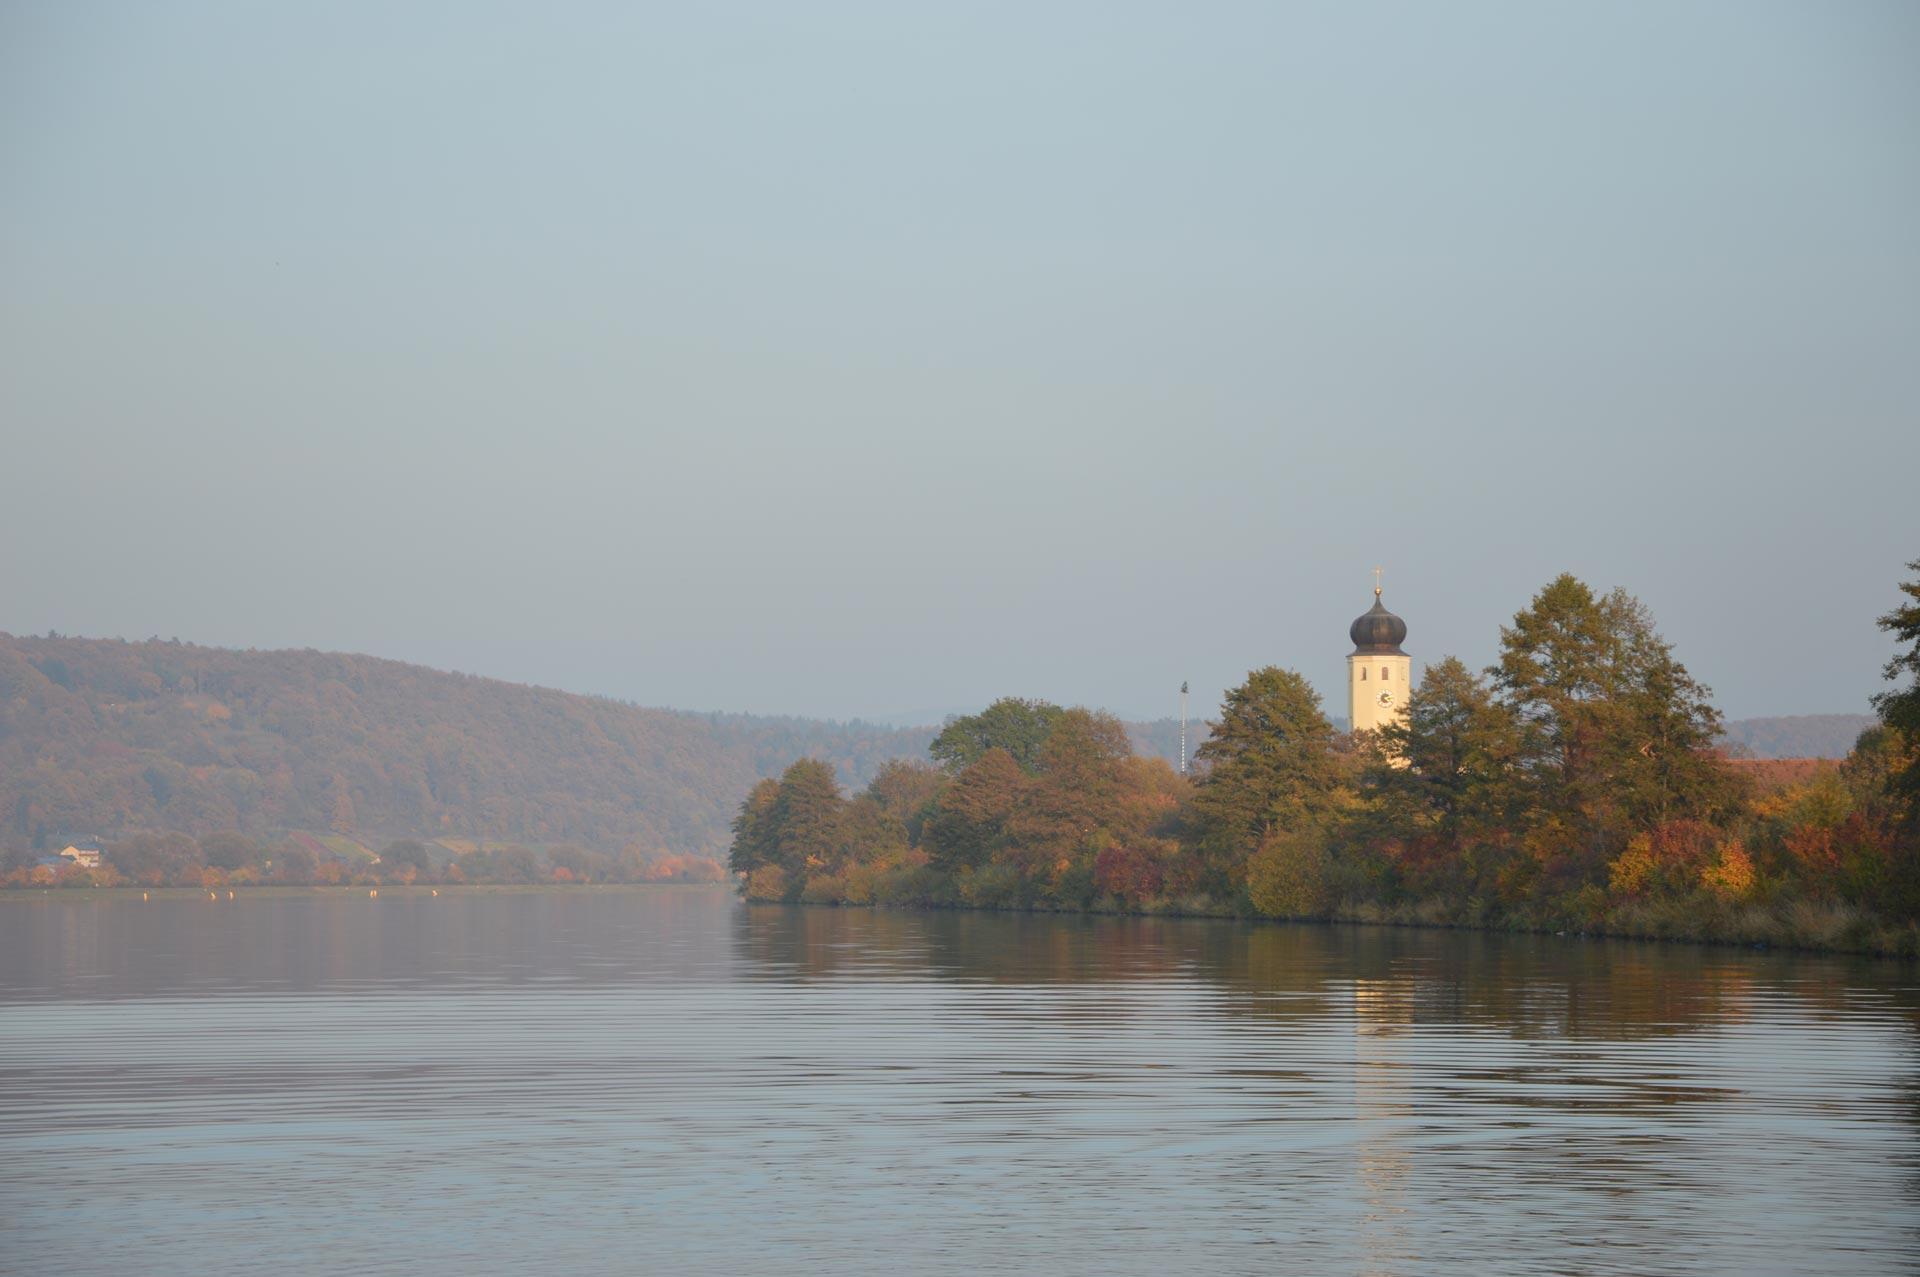 Donau mit Kirche Demling im Hintergrund